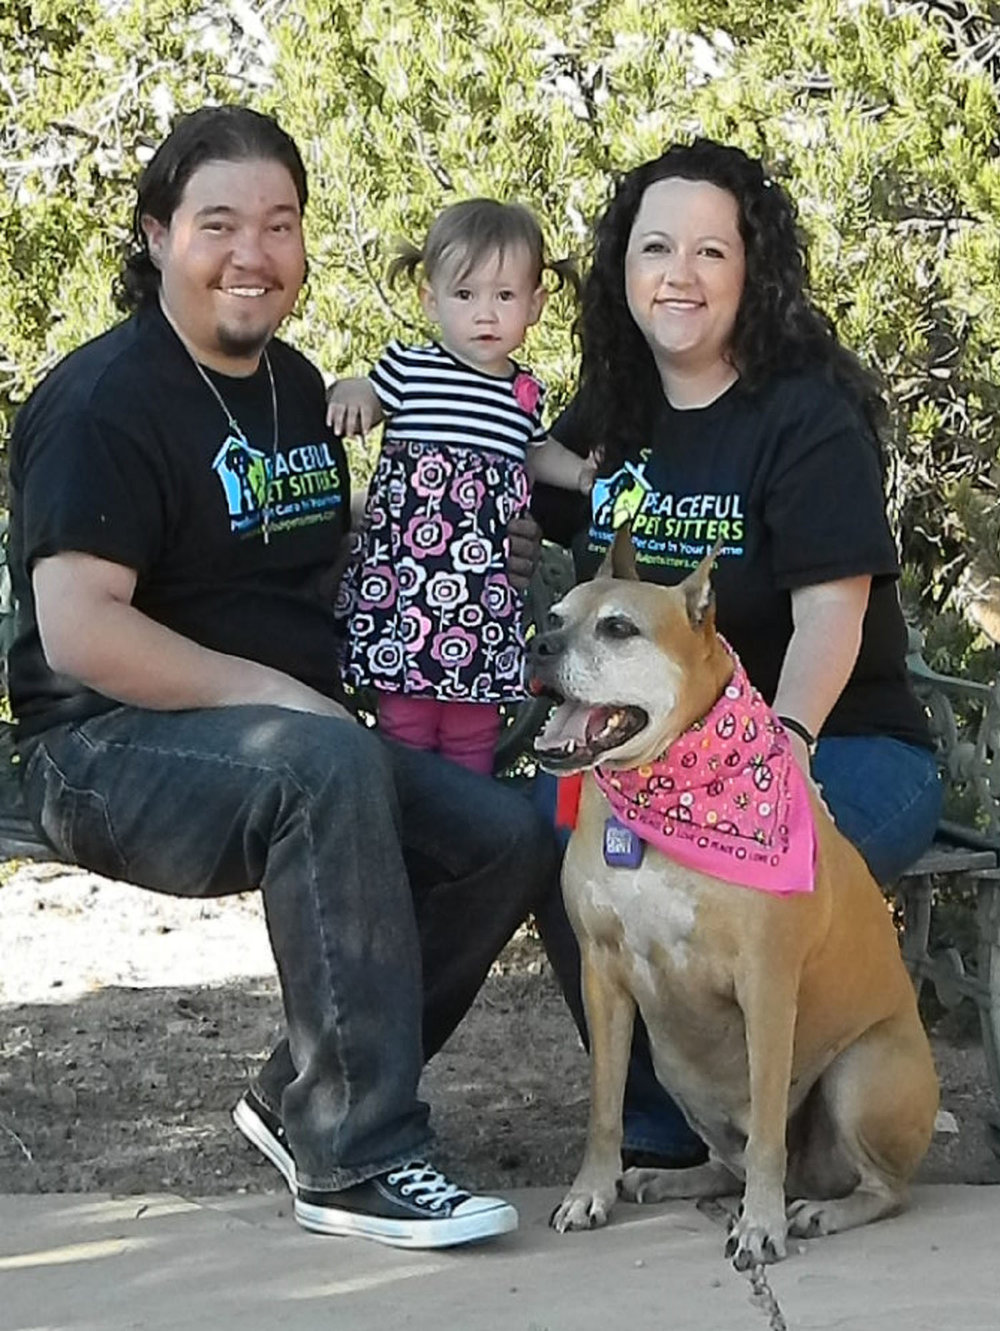 chavez-family-pps.jpg